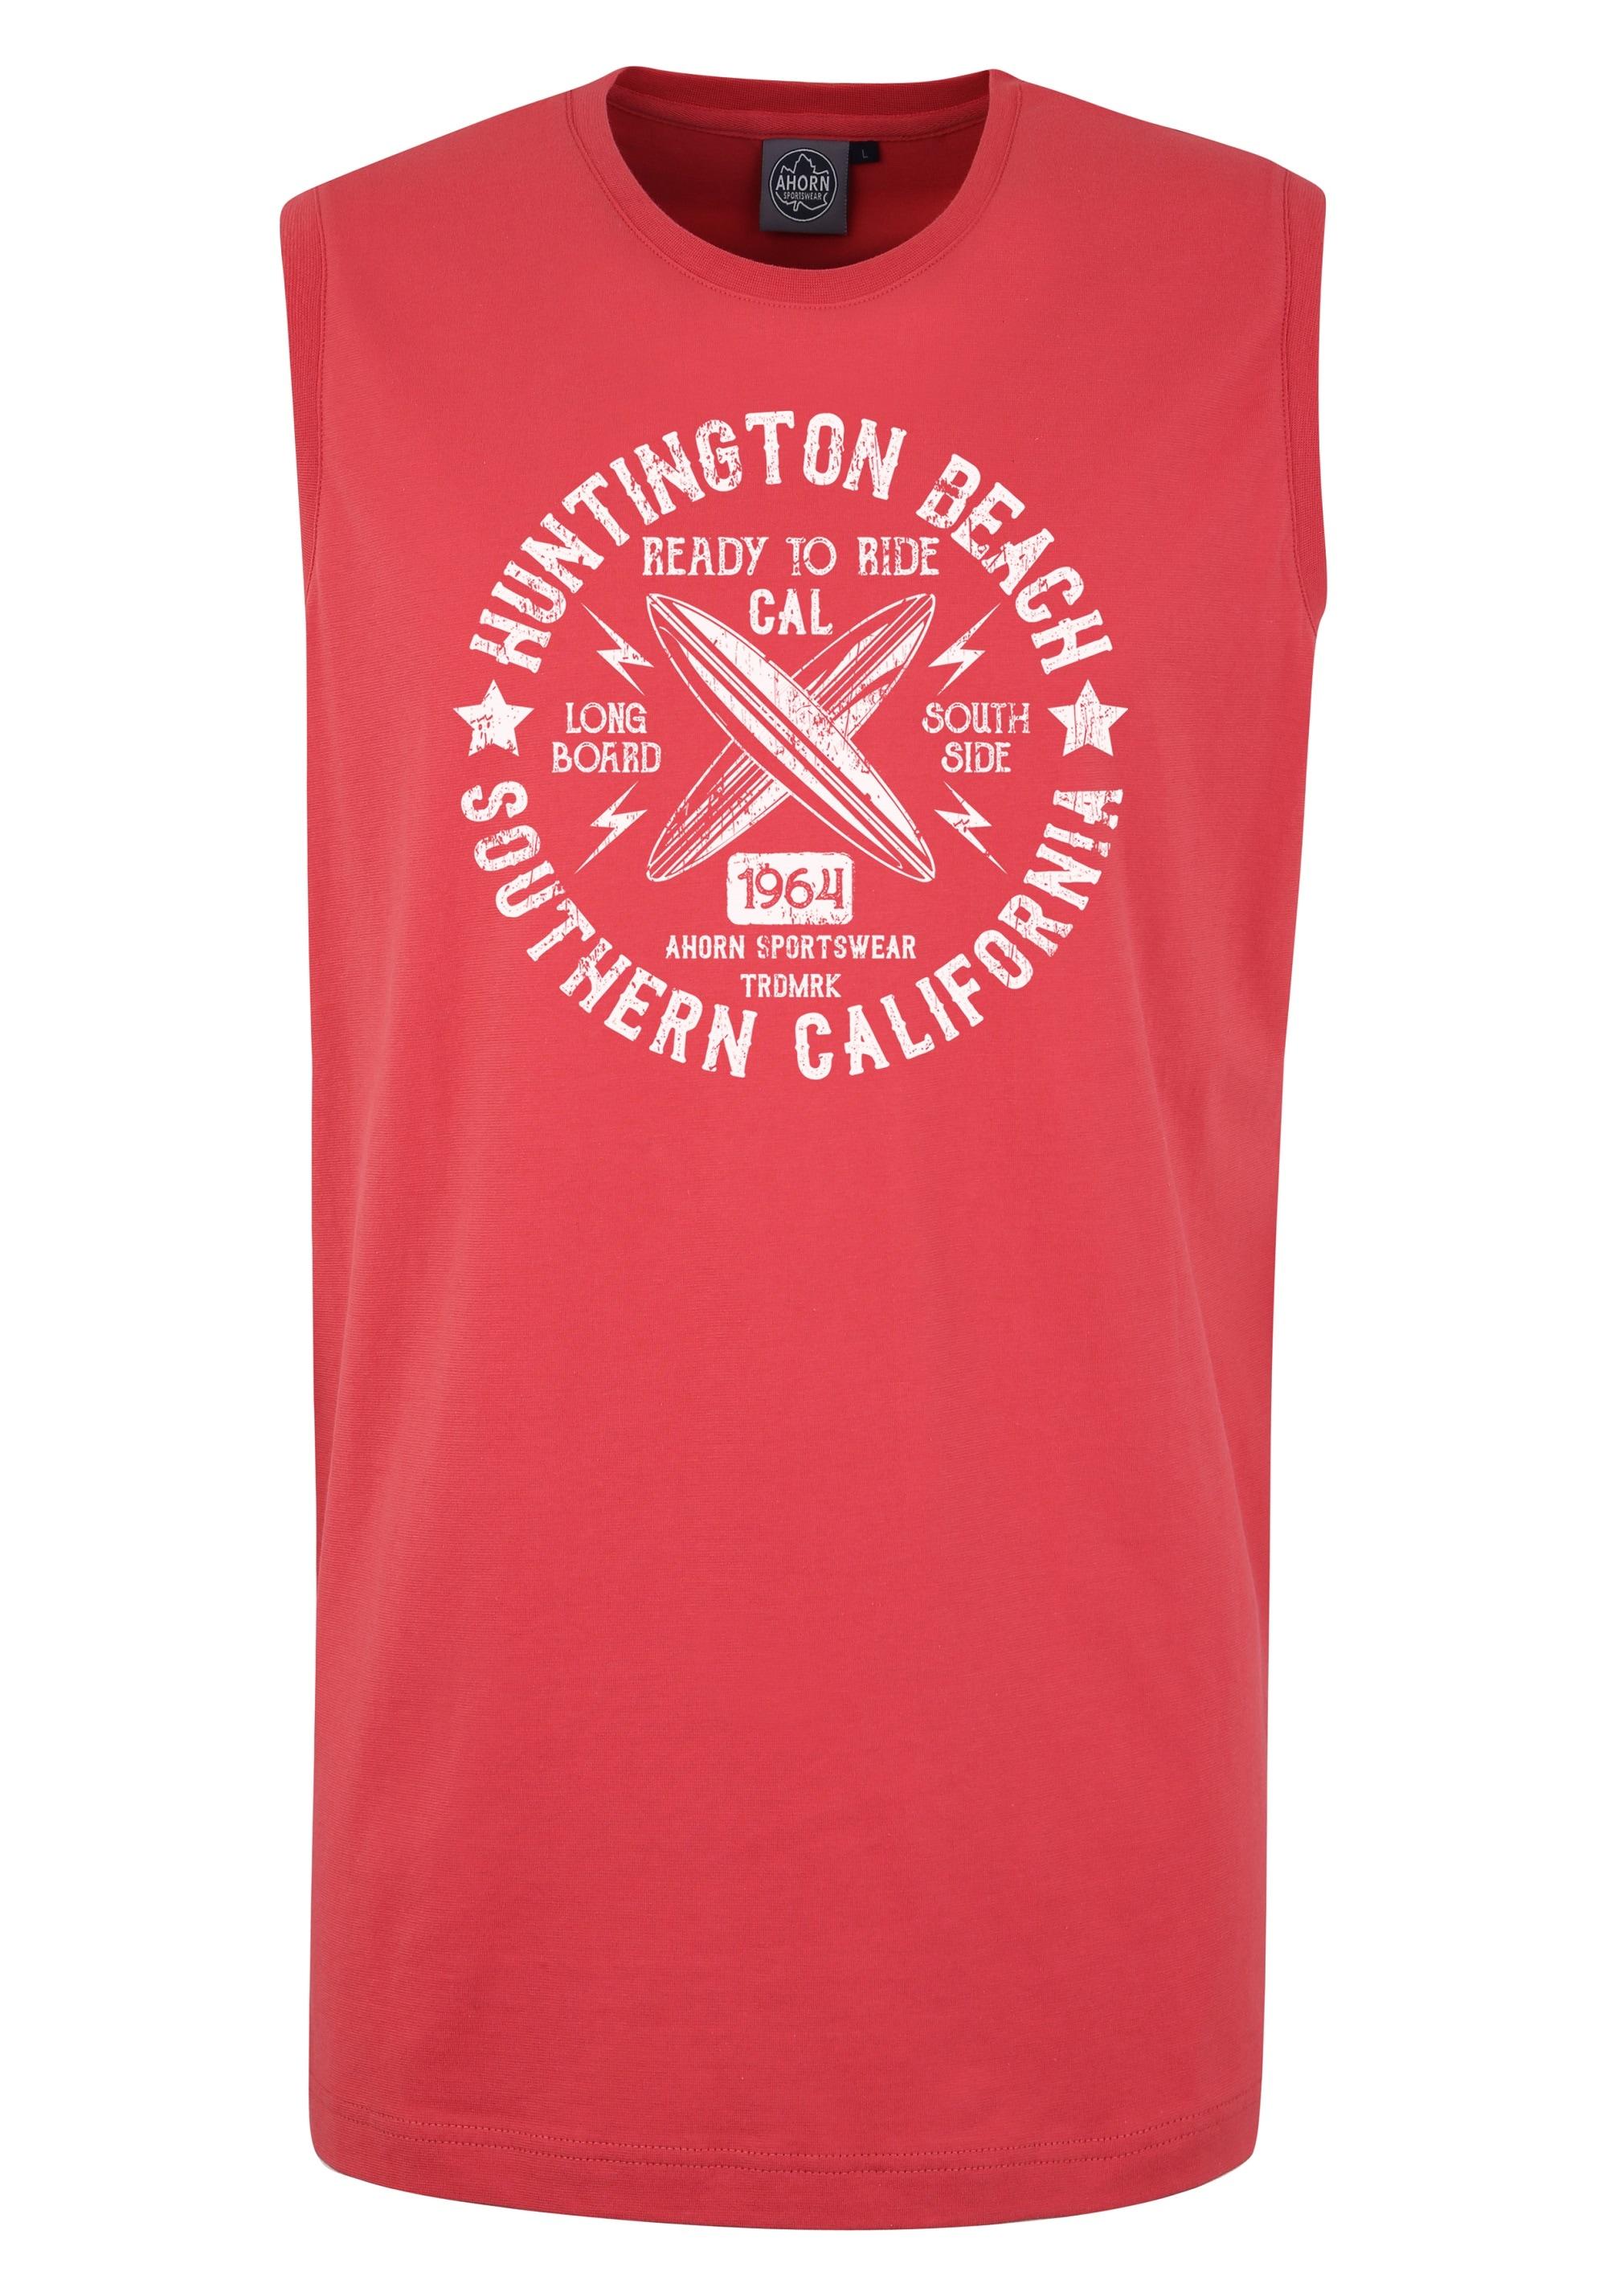 ahorn sportswear -  Tank-Top mit Surfer-Print